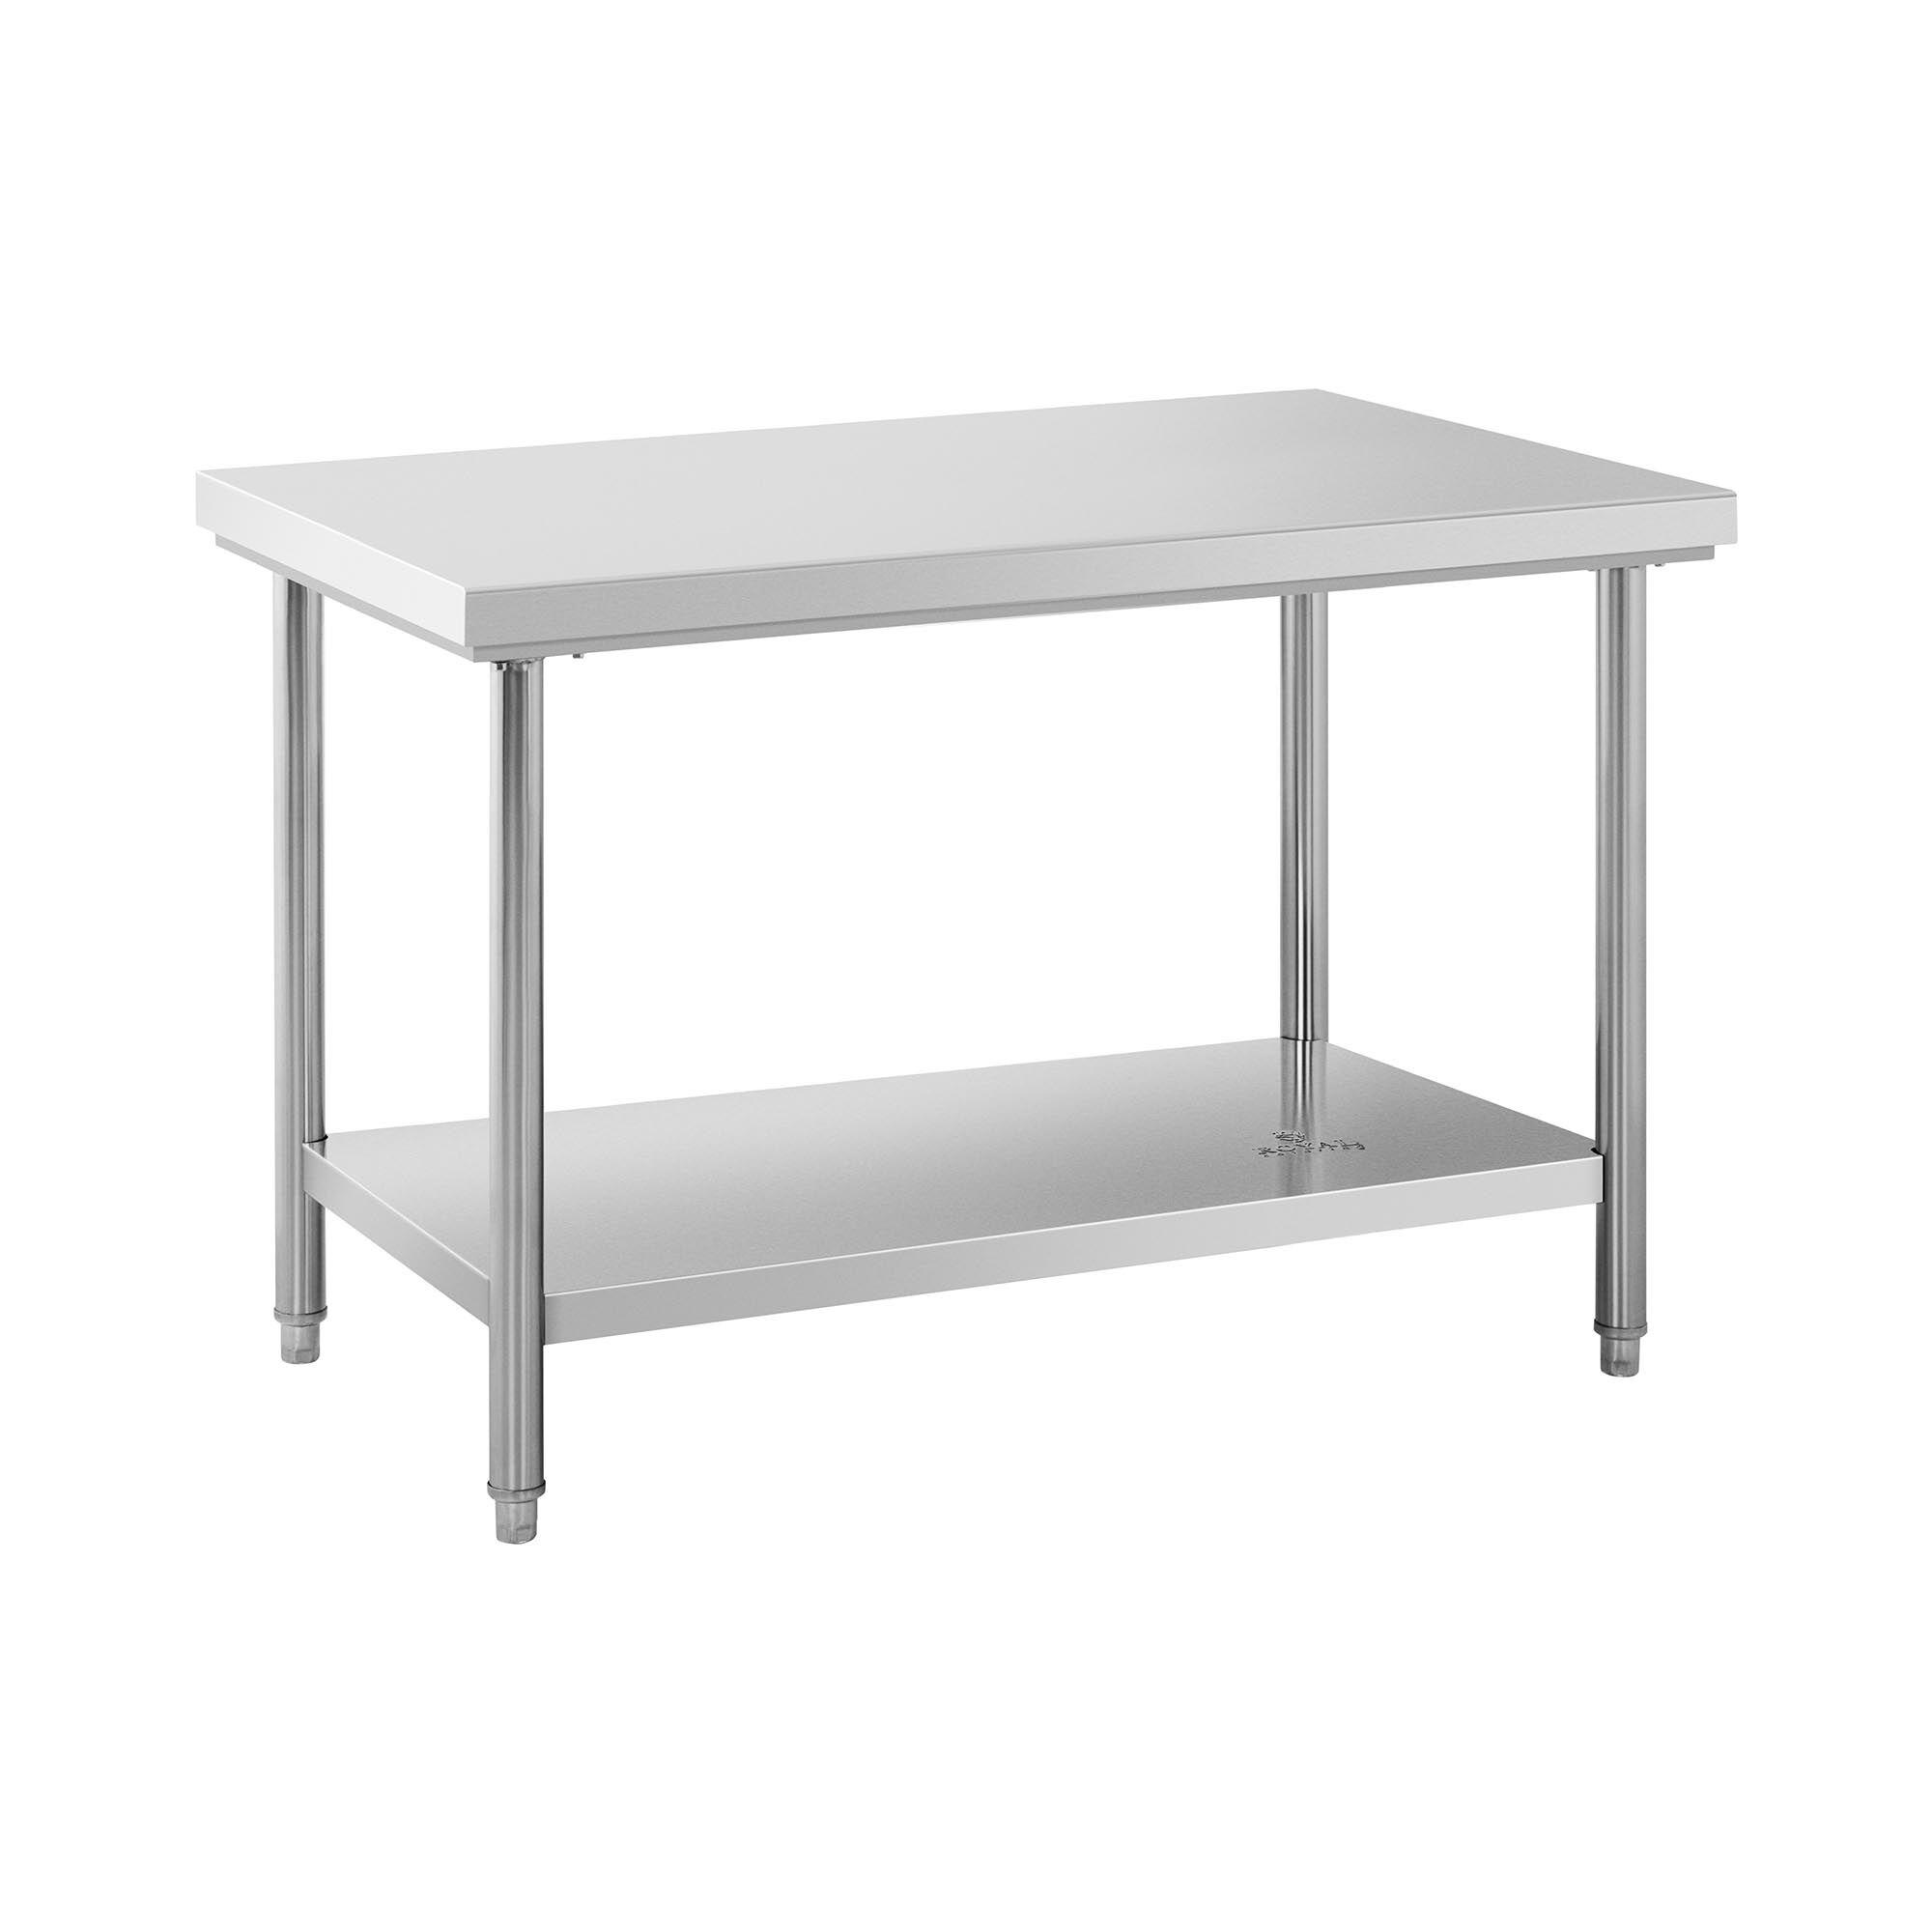 Royal Catering Table de travail inox - 120 x 70 cm - Capacité de 143 kg RCWT-120X70S